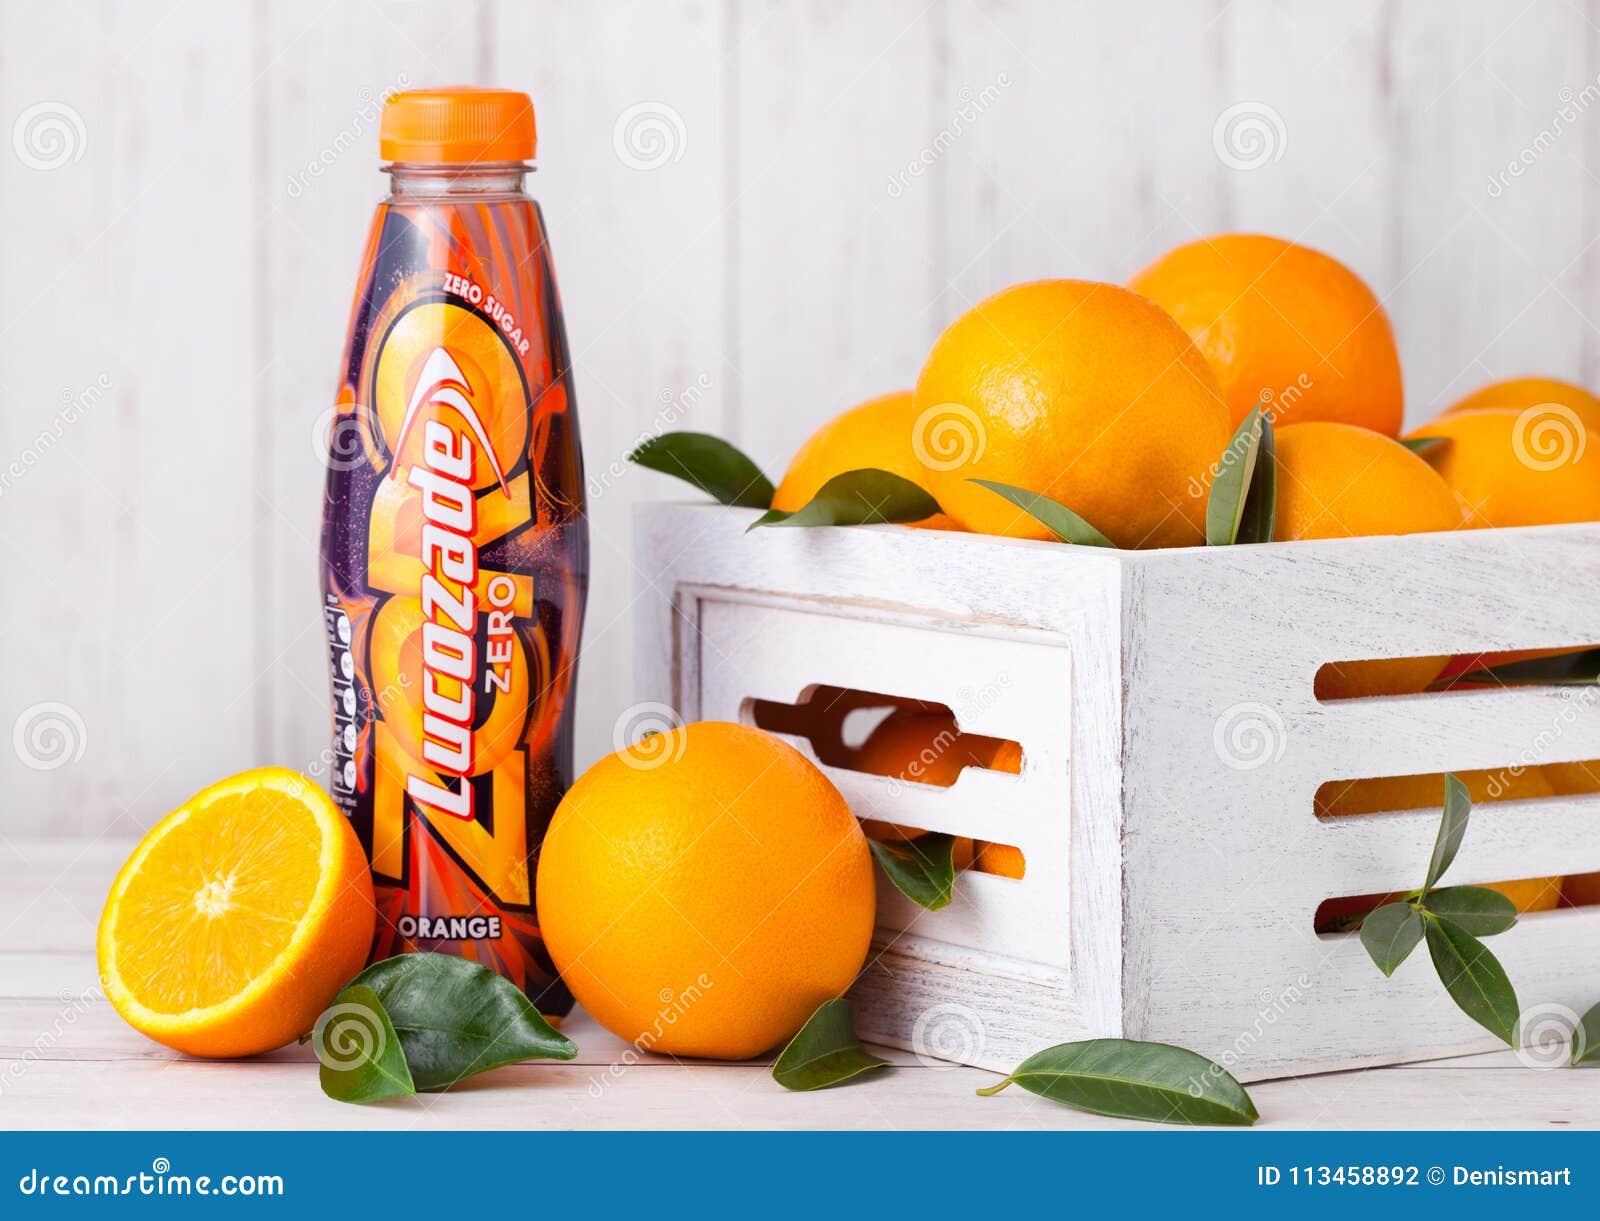 LONDON, GROSSBRITANNIEN - 31. MÄRZ 2018: Plastikflasche des alkoholfreien Getränkes Lucozade-Orange null mit frischen rohen Orang